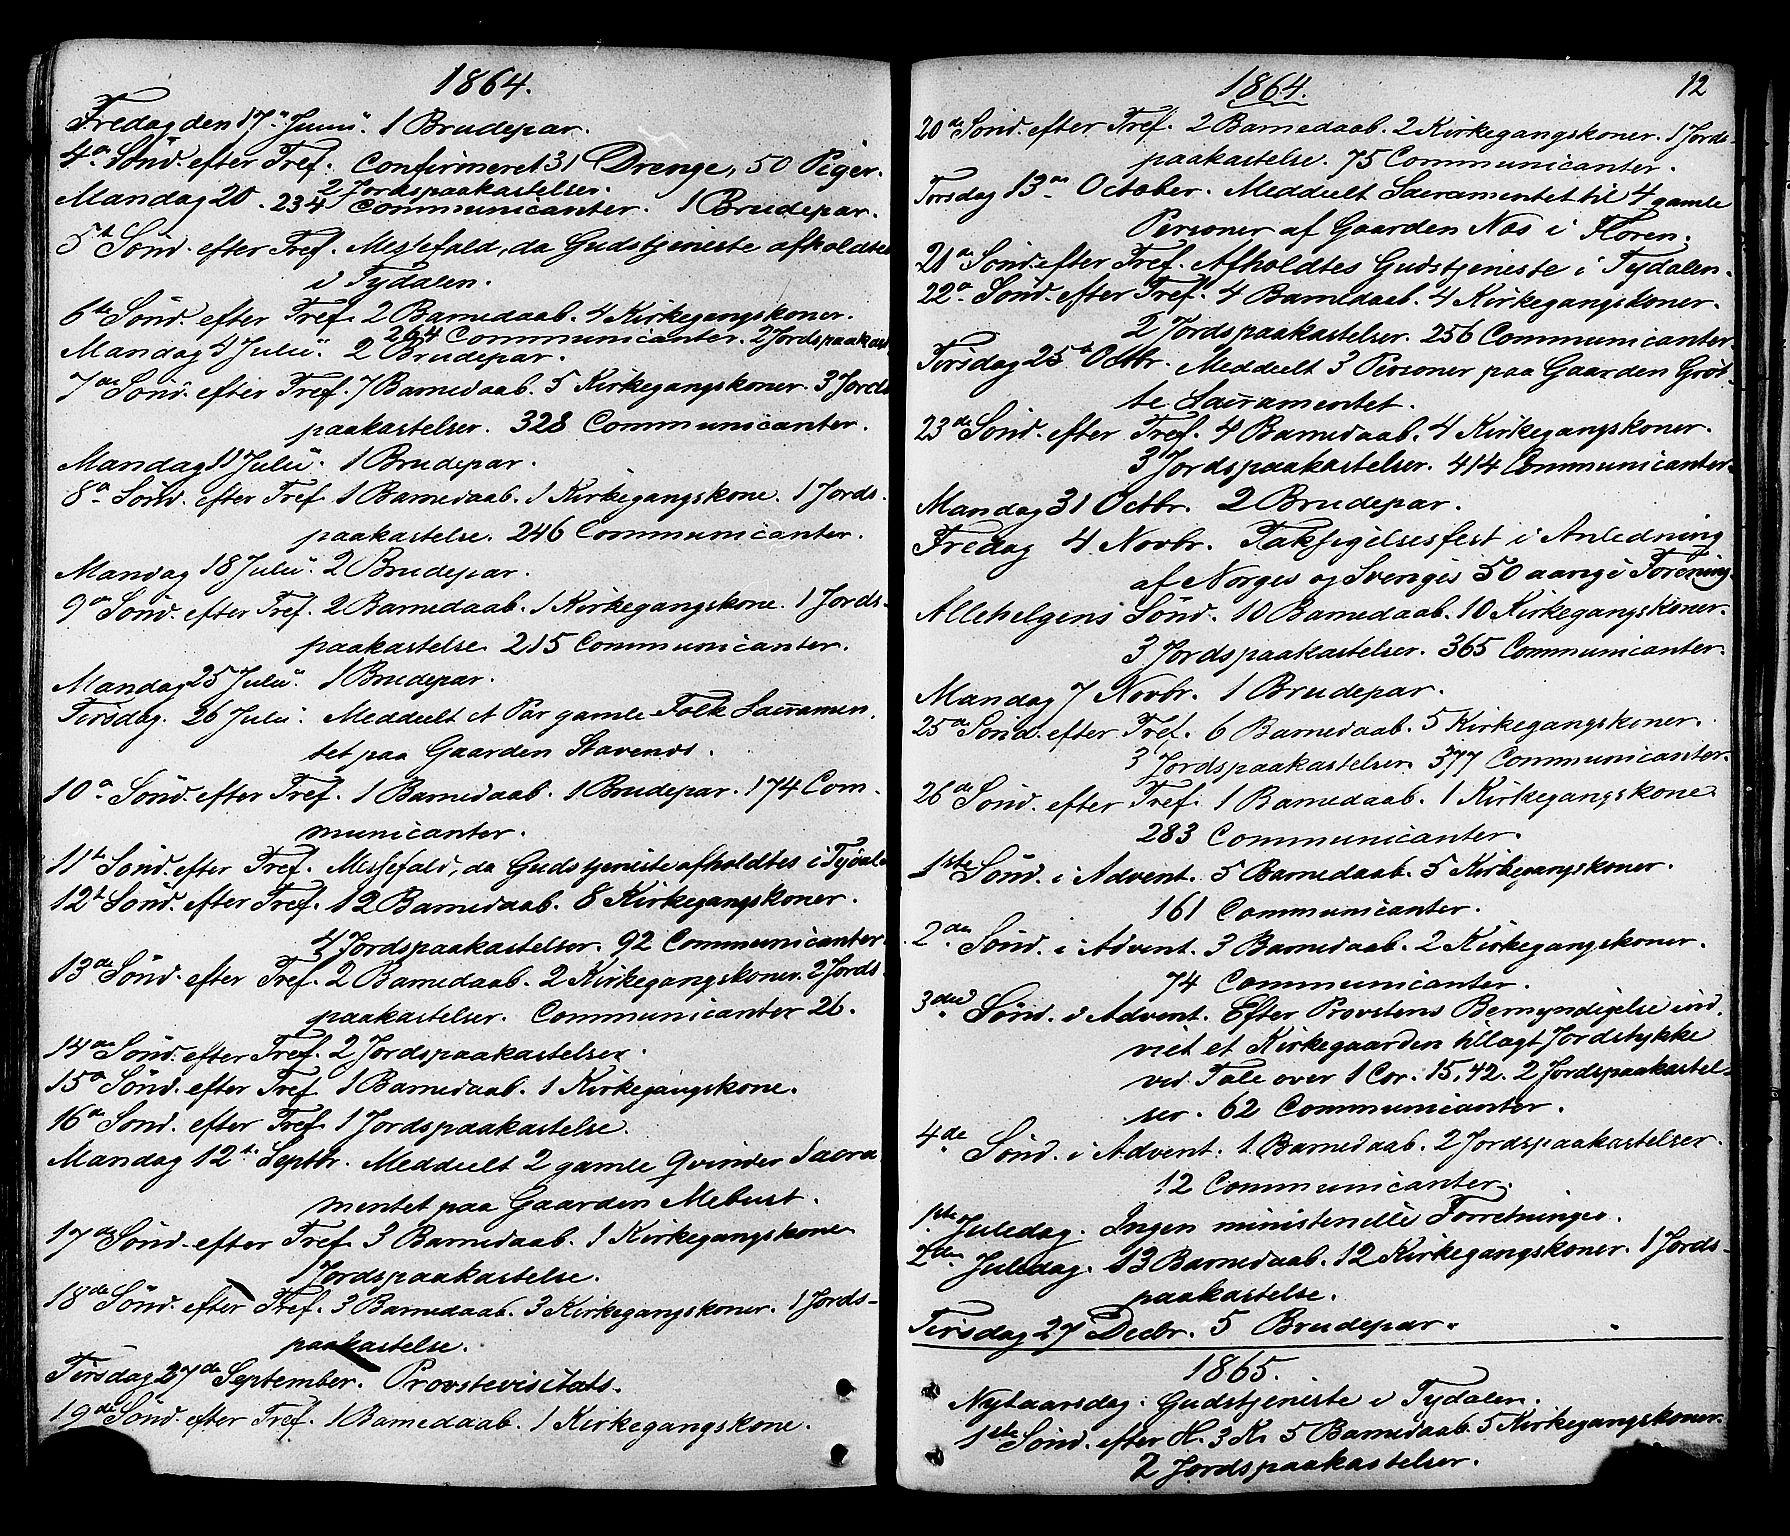 SAT, Ministerialprotokoller, klokkerbøker og fødselsregistre - Sør-Trøndelag, 695/L1147: Ministerialbok nr. 695A07, 1860-1877, s. 12